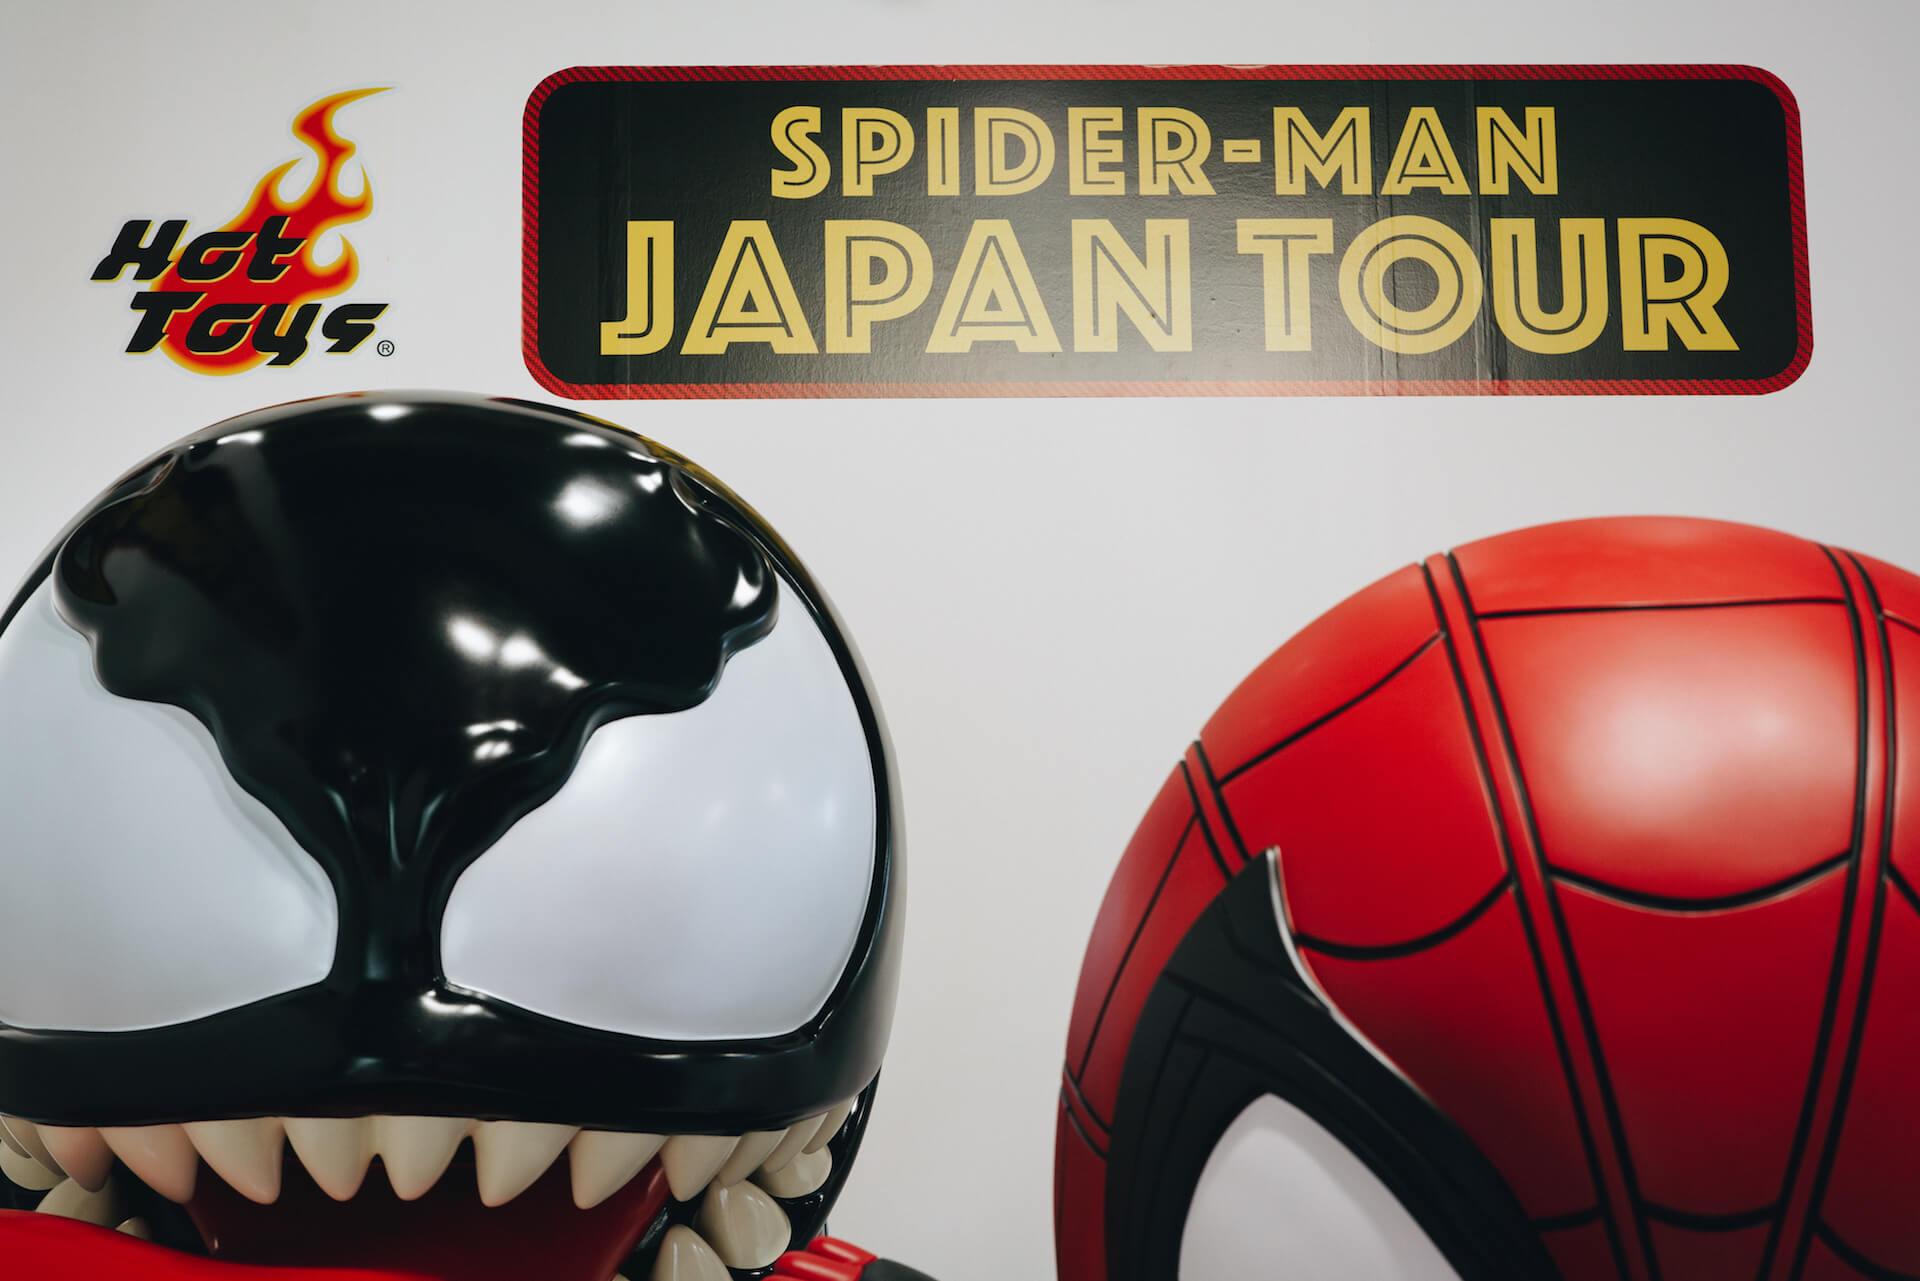 スパイダーマン好きなら目ギラギラ大興奮必至の期間限定ショップ探訪 art-culture-spiderman-store-report-3